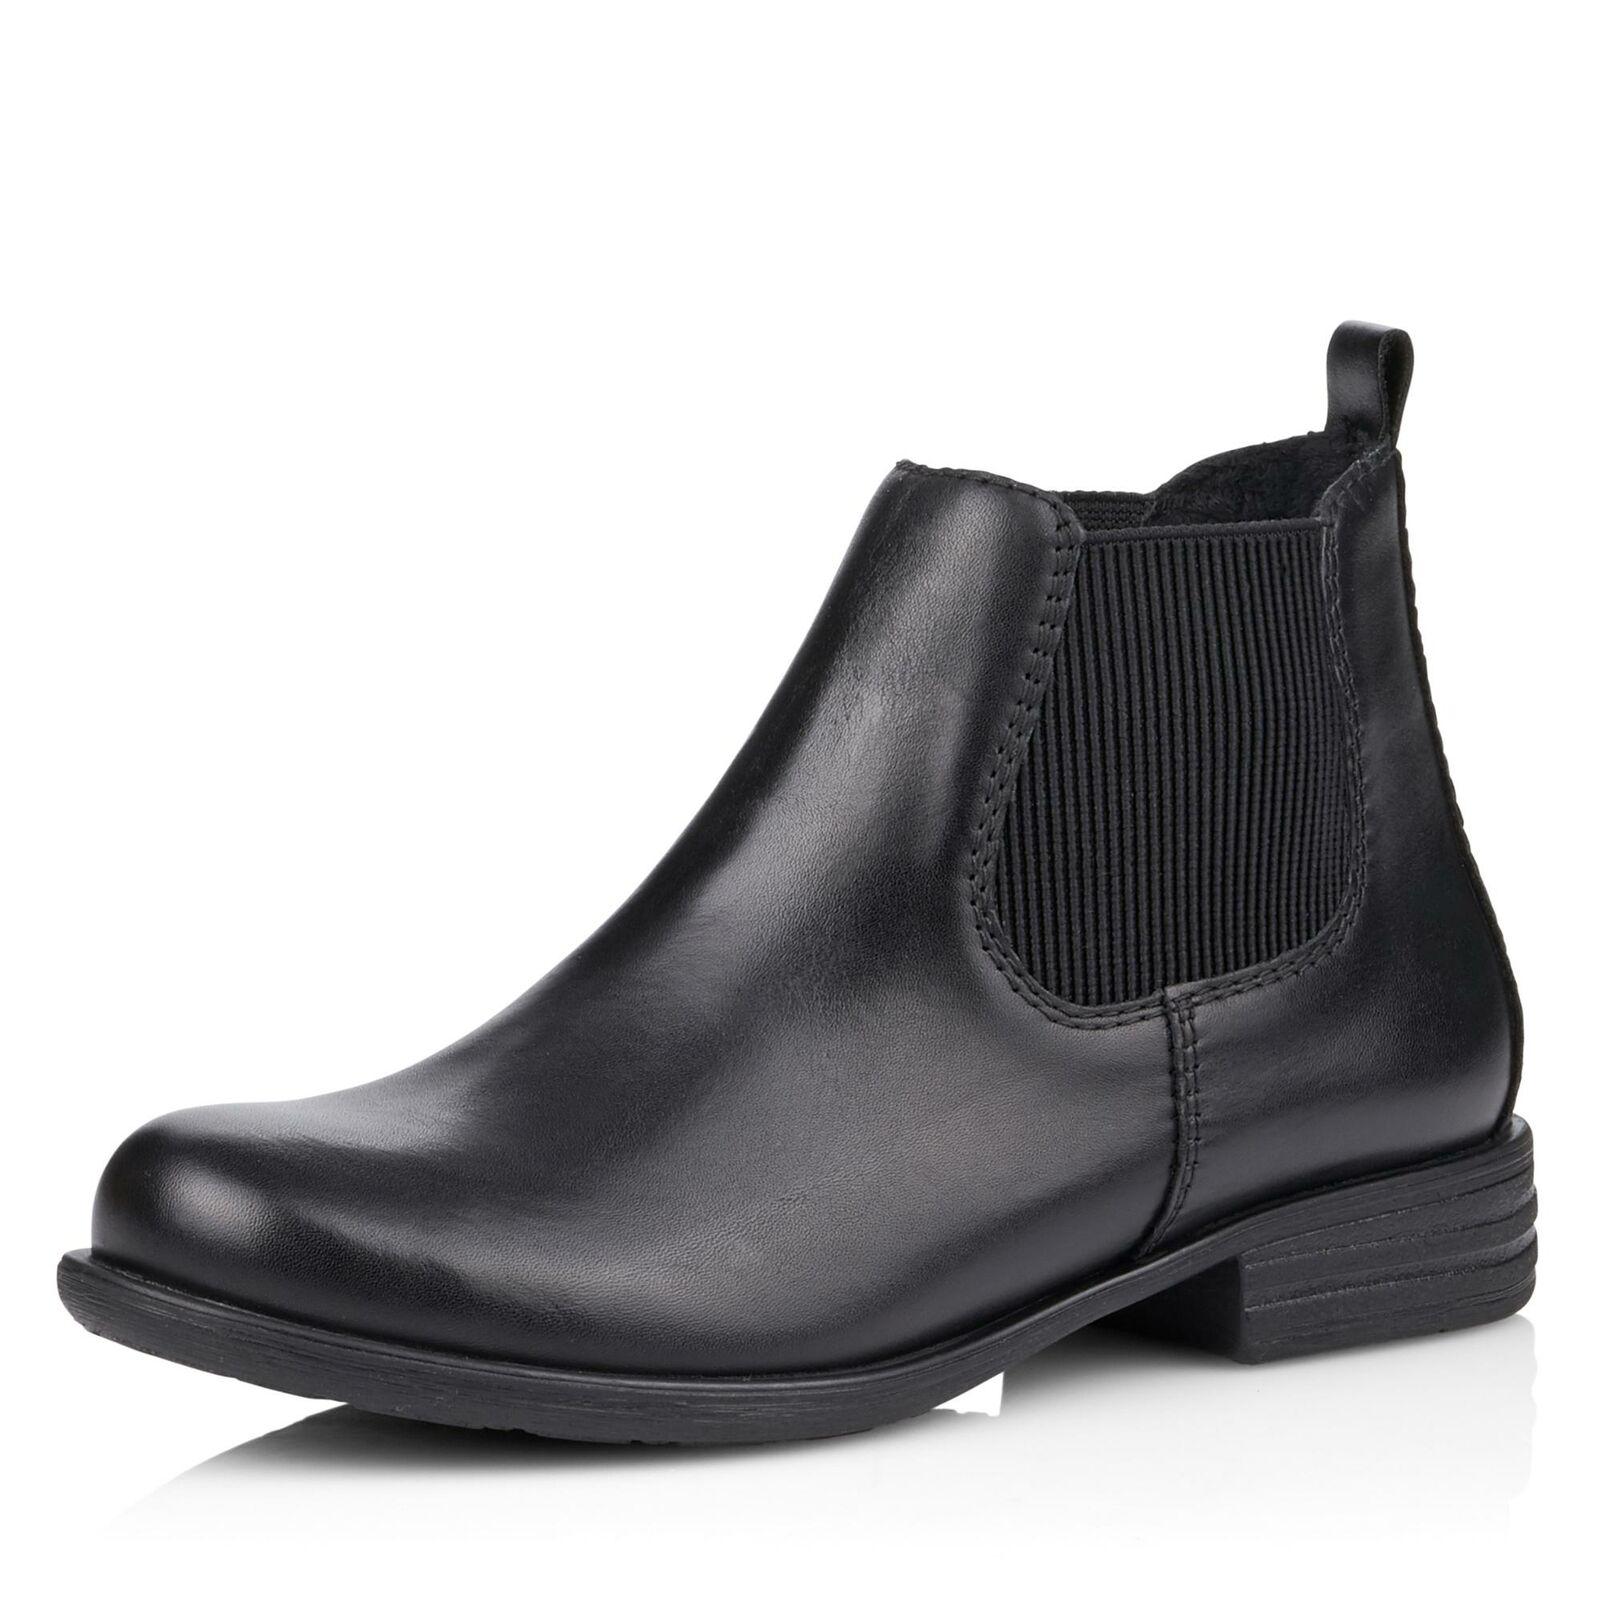 Damen Remonte Chelsea Stiefeletten schwarz Schuhe